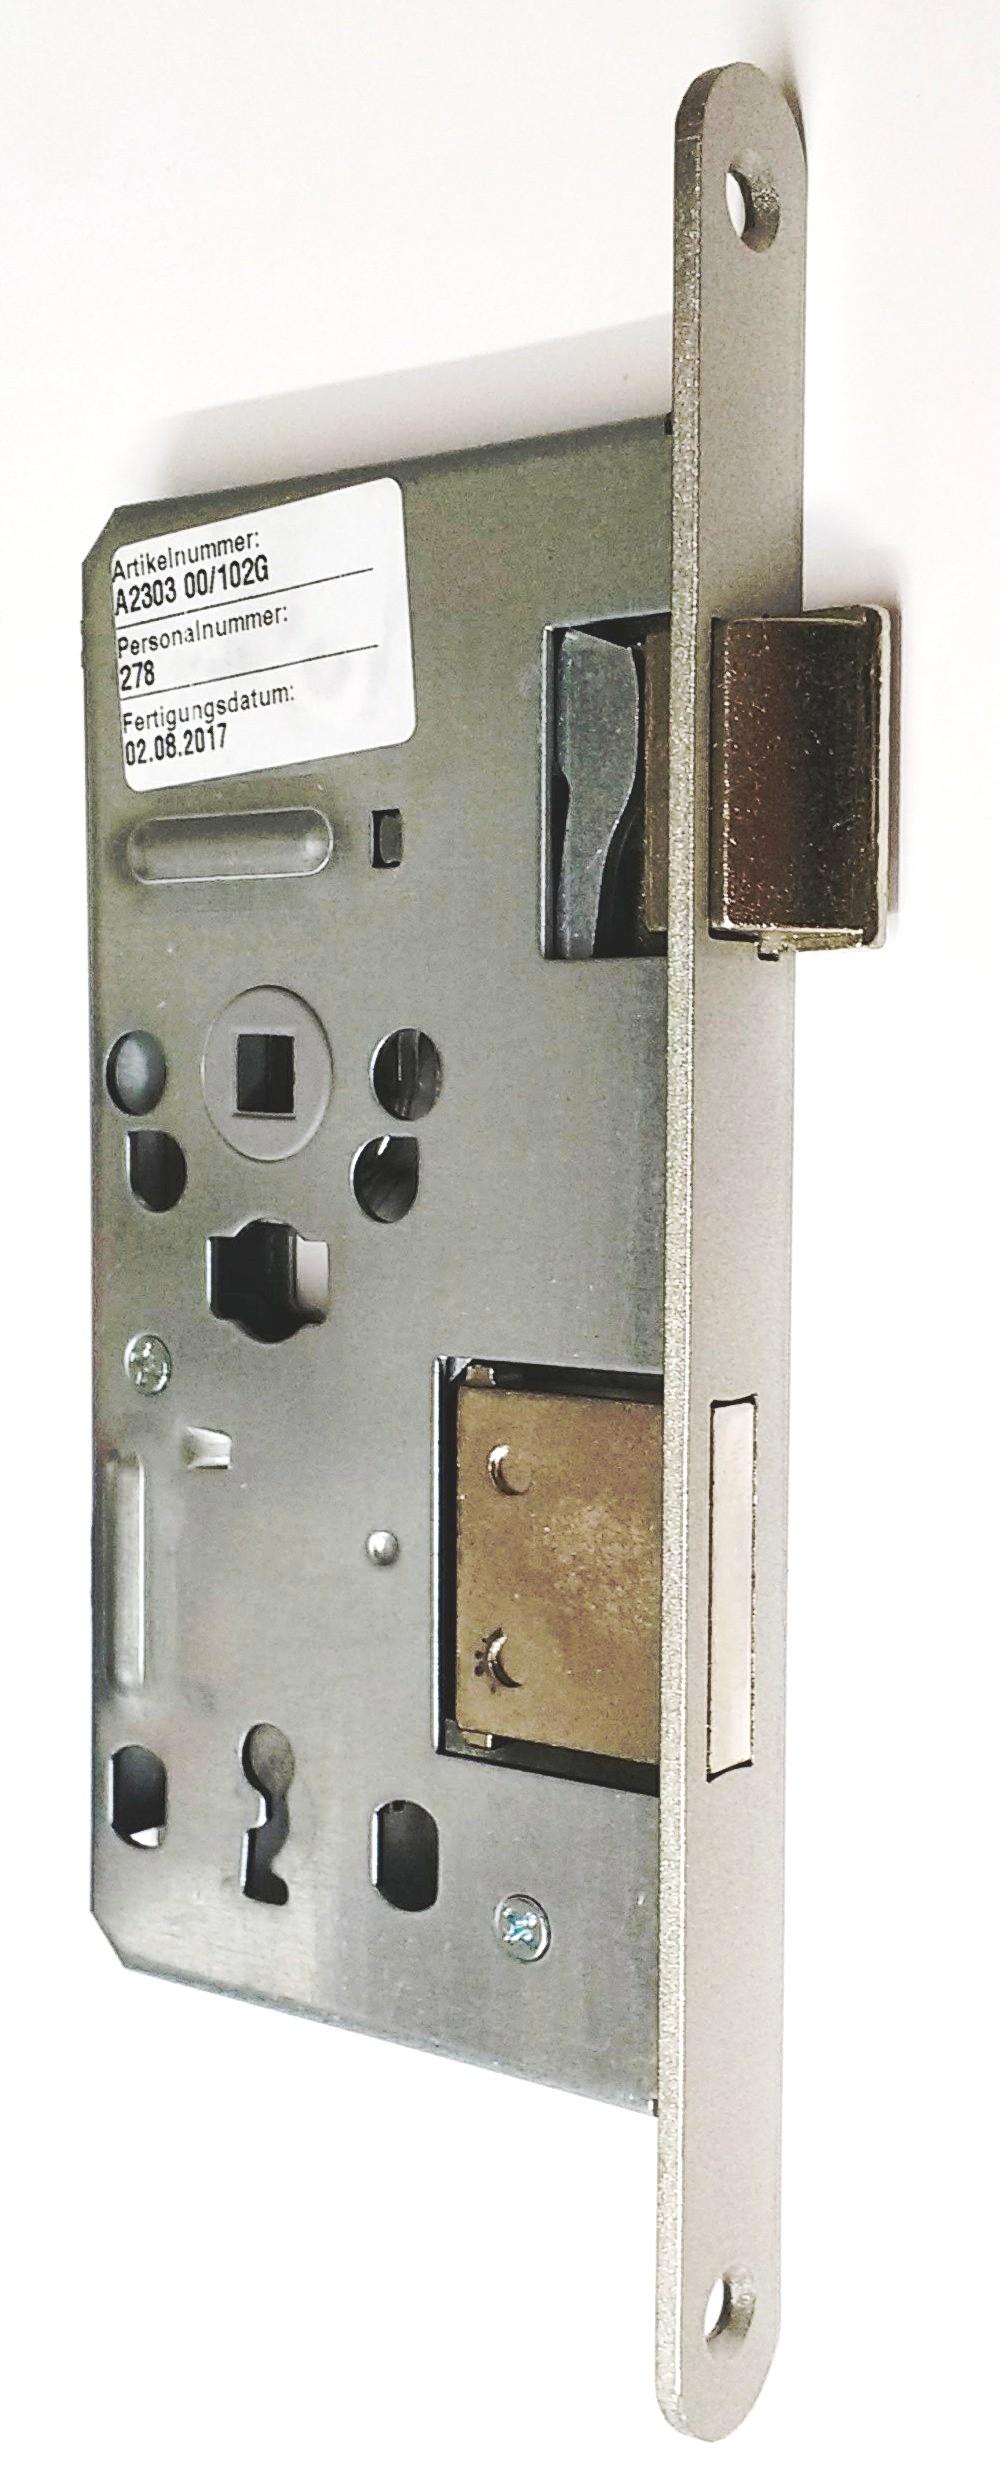 einsteckschloß für zimmertüren bb 72 tgl (ddr) r/l| ersatzschluessel